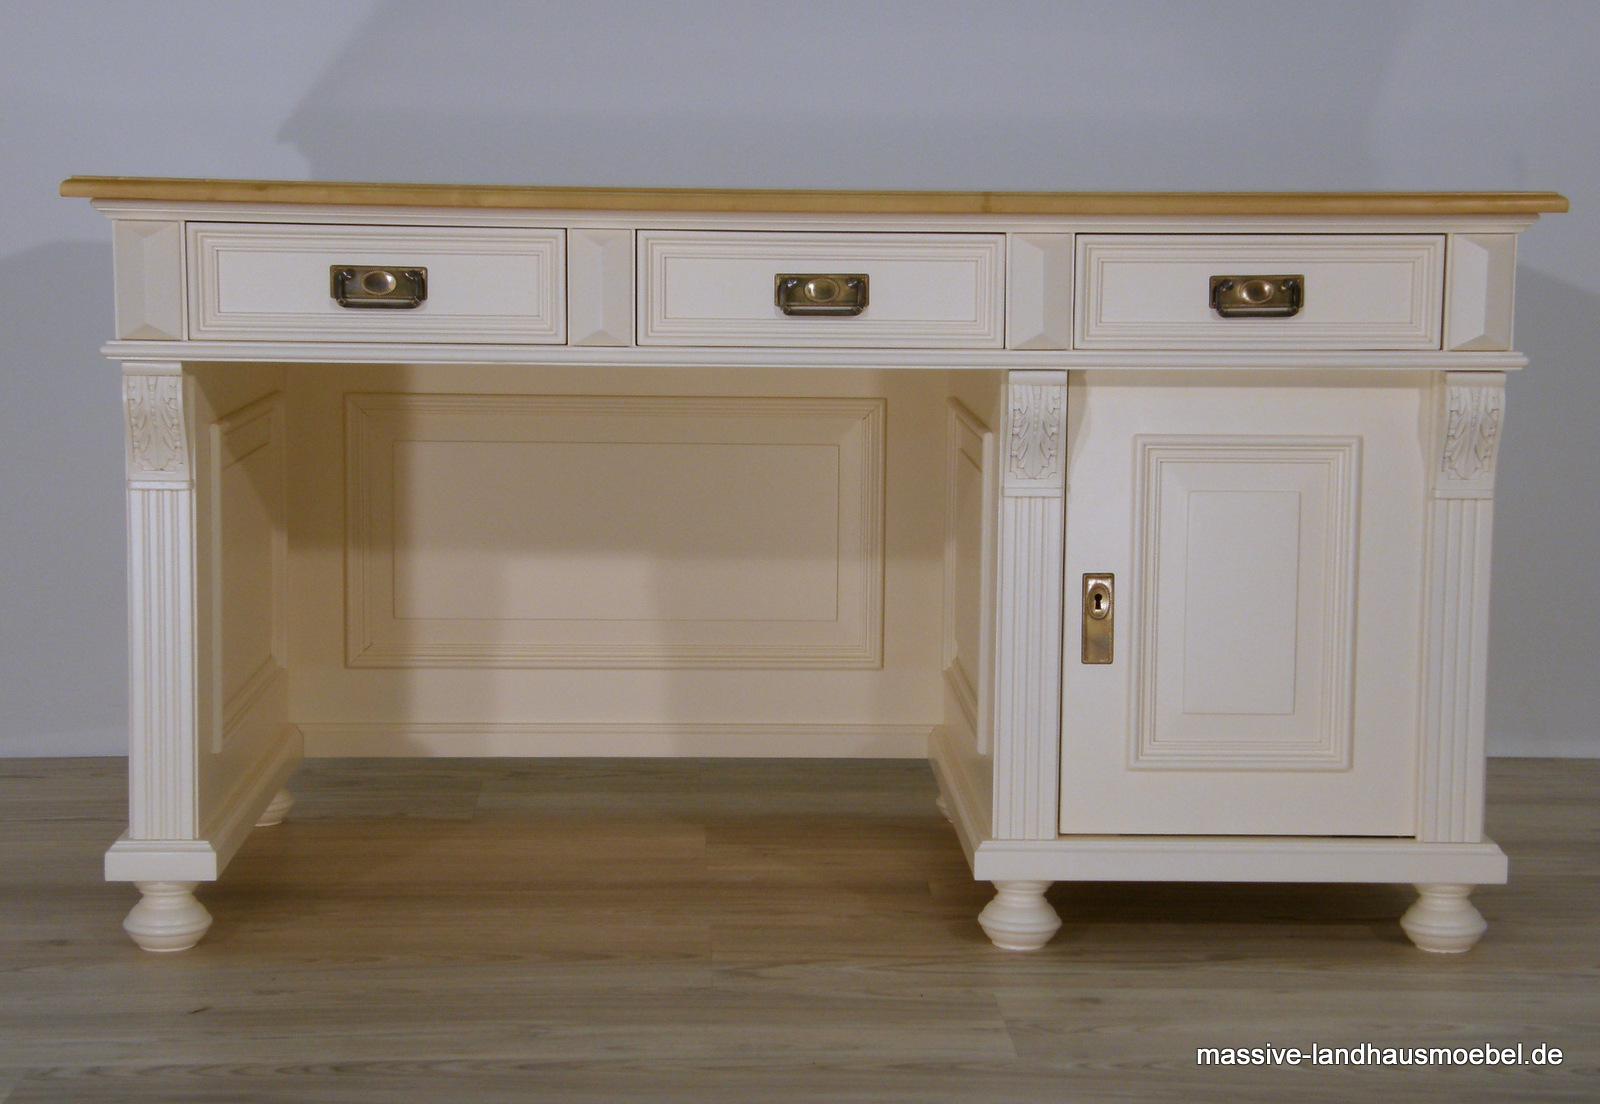 Massive Landhausmöbel 1409 Schreibtisch Deluxe